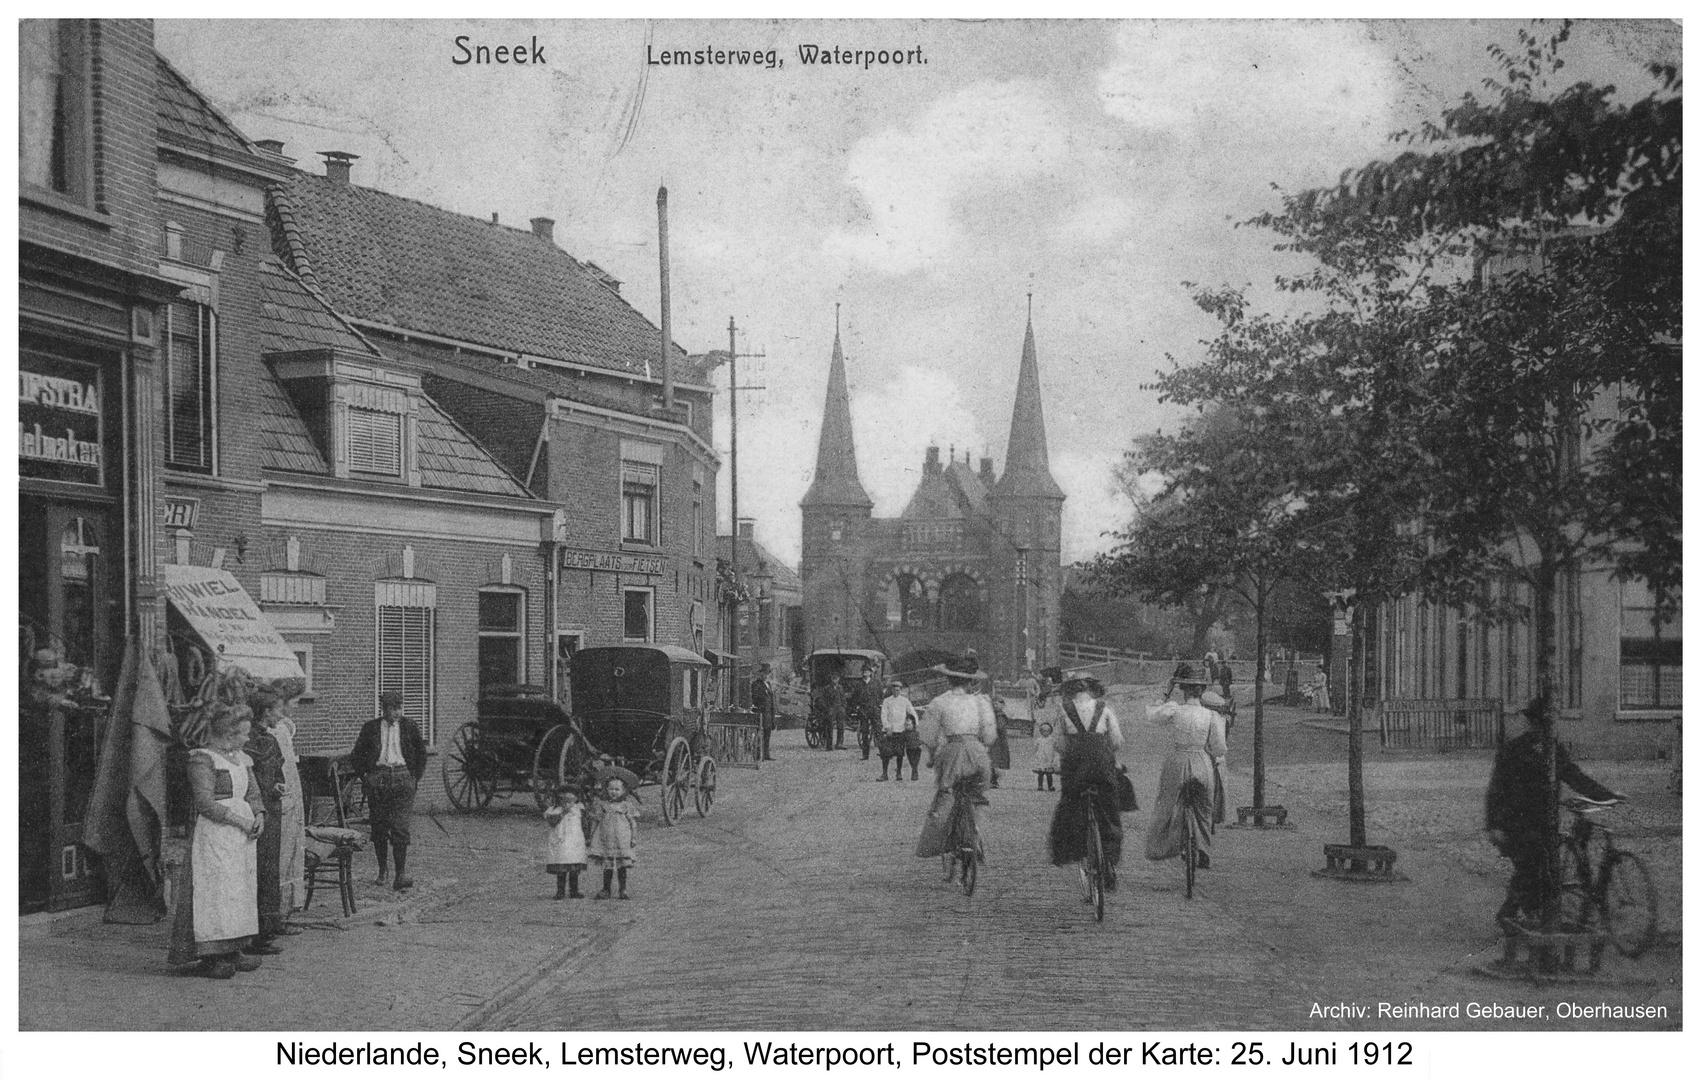 Sneek, Niederlande, Lemsterweg, Waterpoort, um 1912